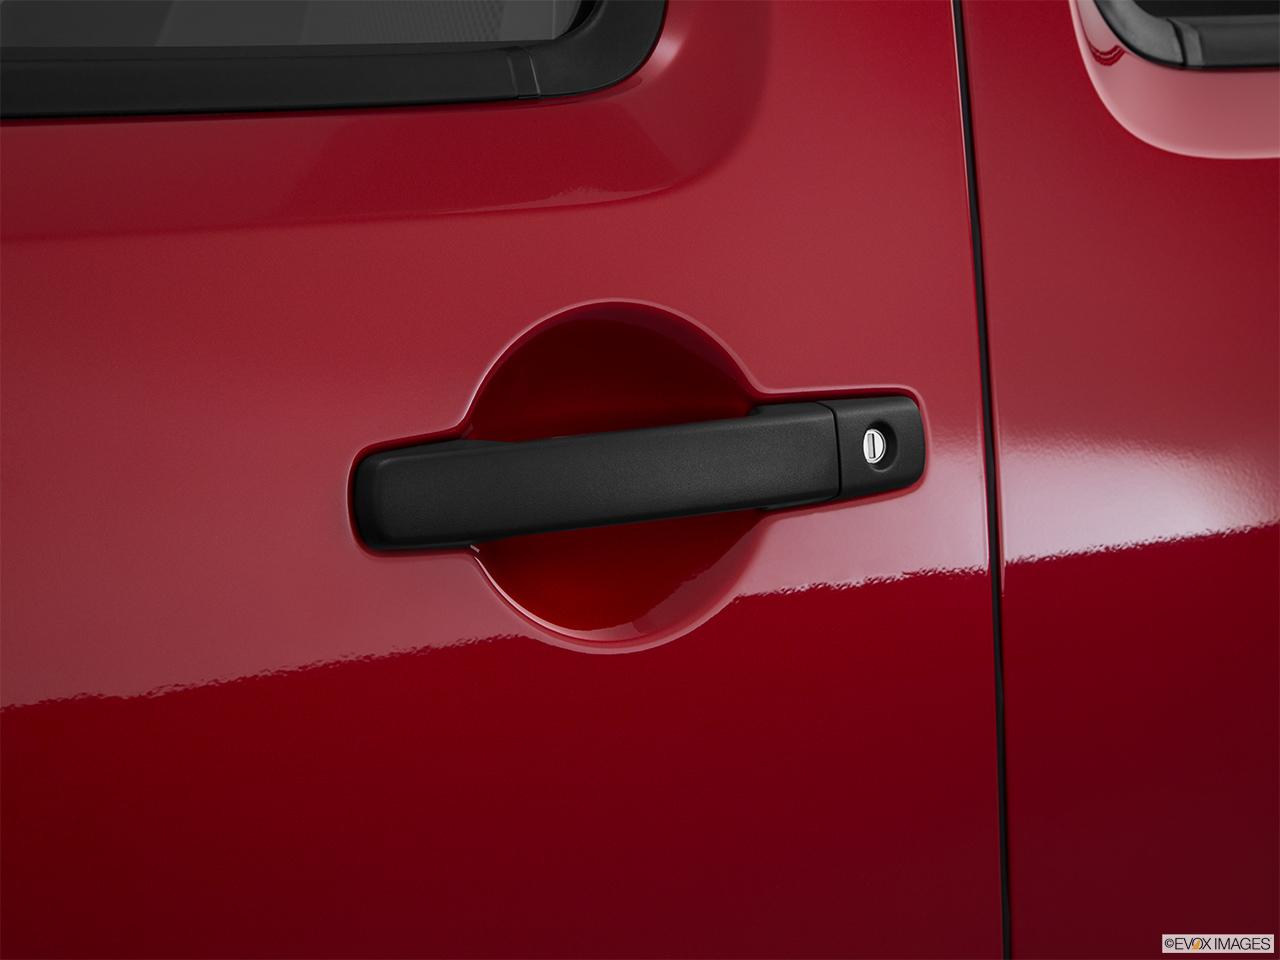 2016 Nissan Frontier 4WD Crew Cab SWB Manual S - Drivers Side Door handle & 10261_st1280_045.jpg